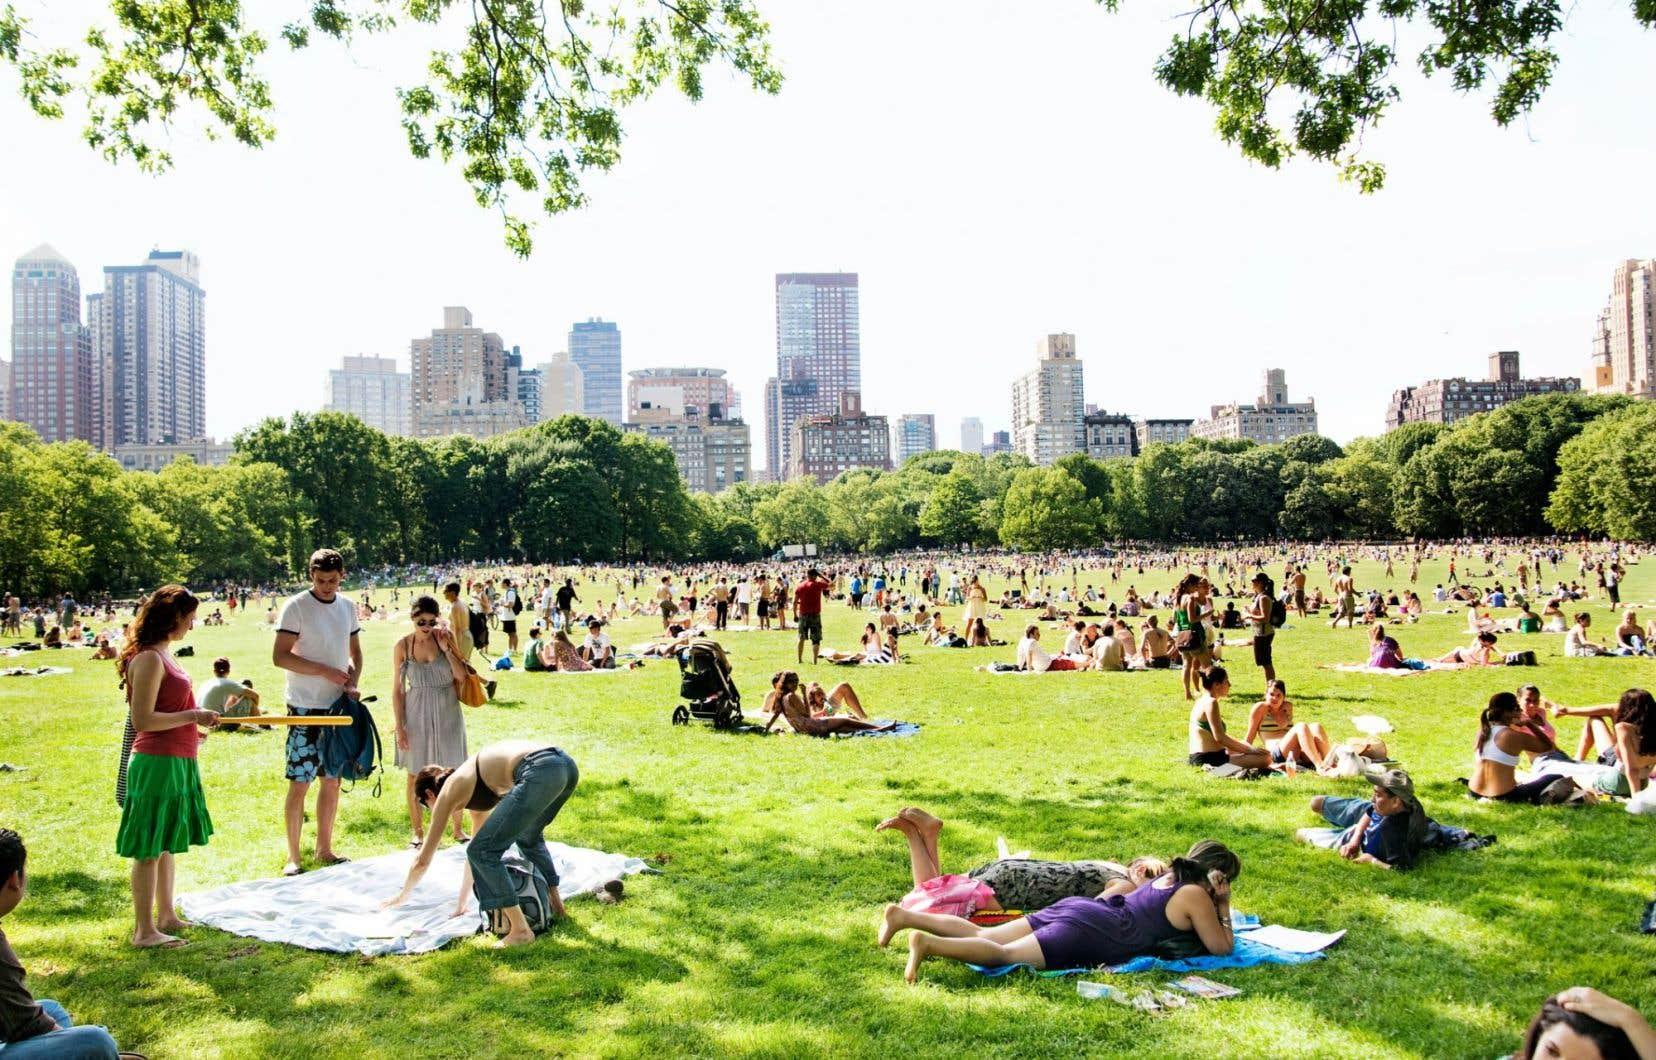 L'idée de corriger la mondialisation néolibérale par l'apport de villes orientées vers le progrès écologique et social suscite l'intérêt.